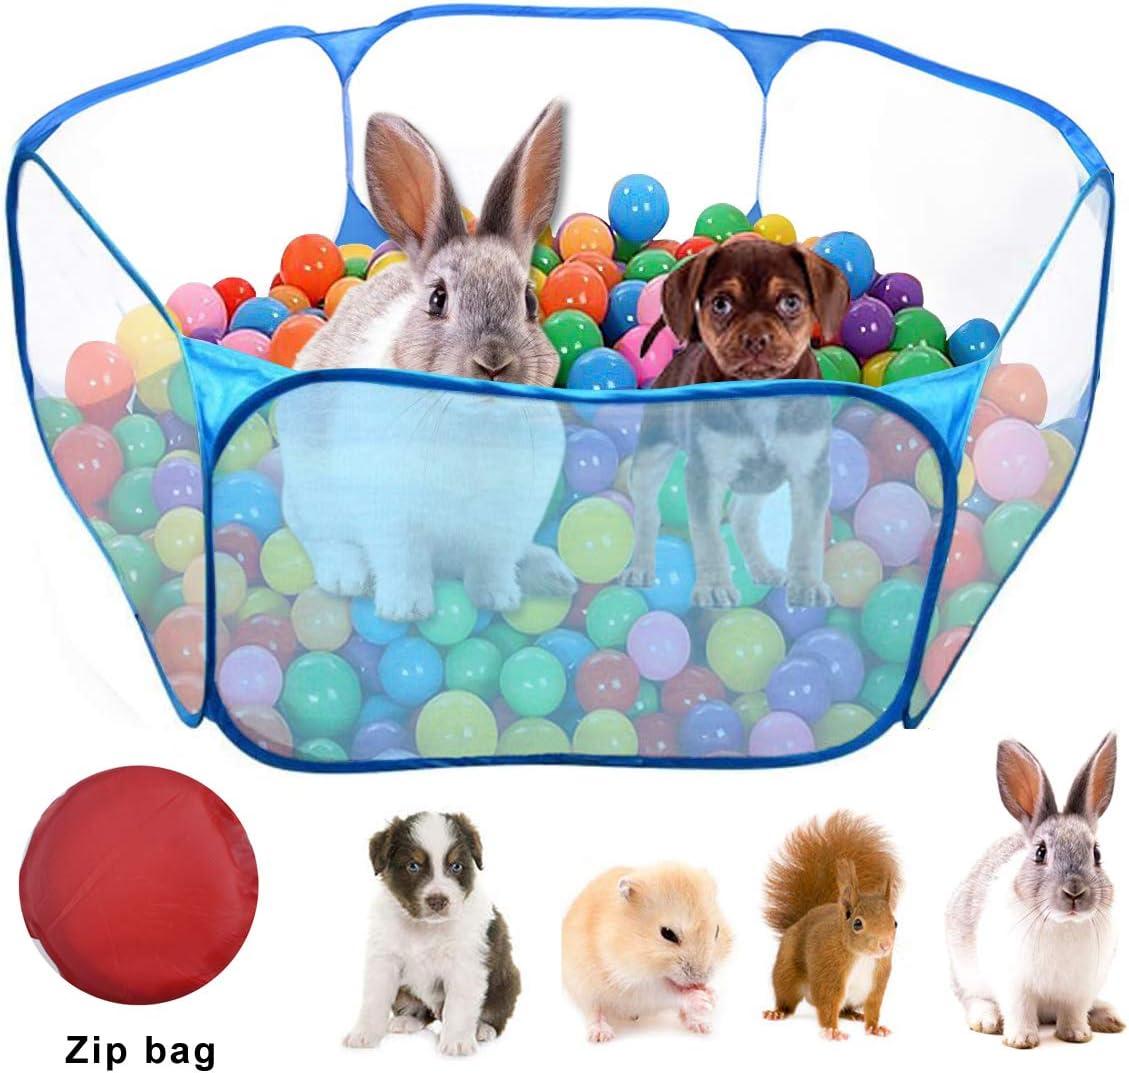 WEONE Jaulas para Animales pequeños, Parque de Juegos portátil para Mascotas Ejercici, Transpirable Plegable Parque para Conejillos de Indias Conejos Hámster Chinchillas Erizos